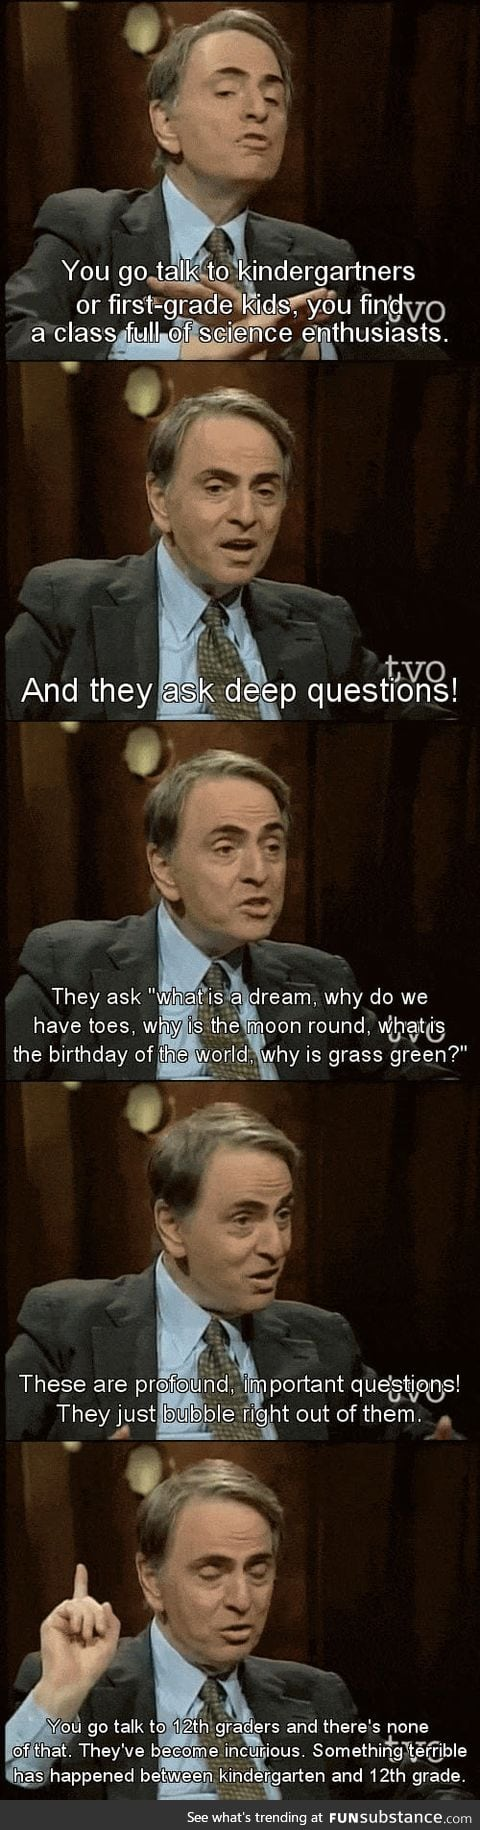 Carl Sagan at his best